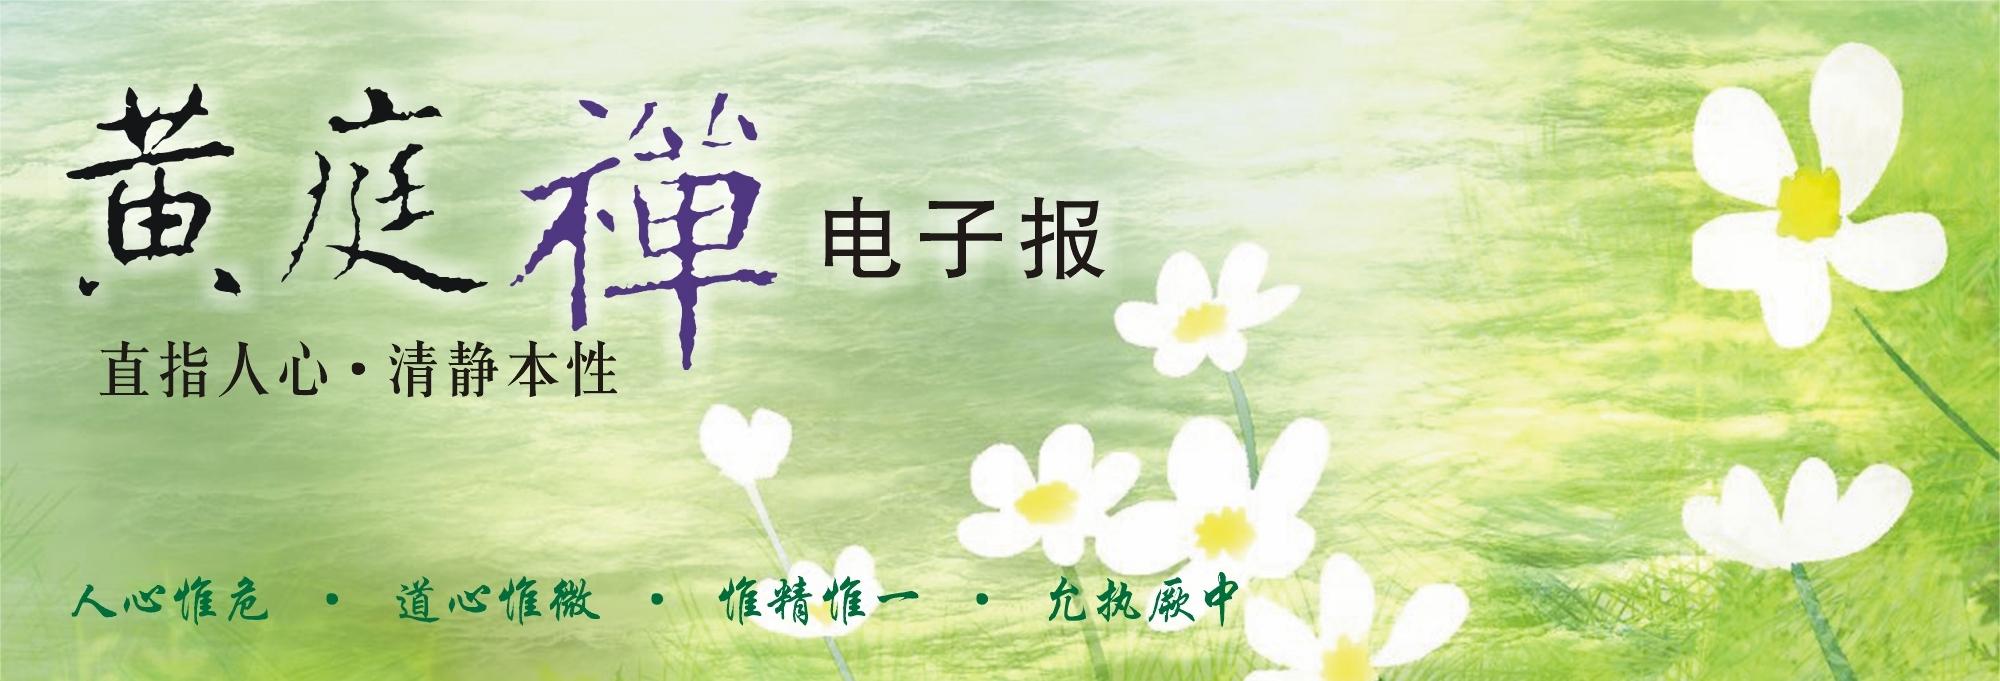 中华黄庭禅学会2016.08.01电子报